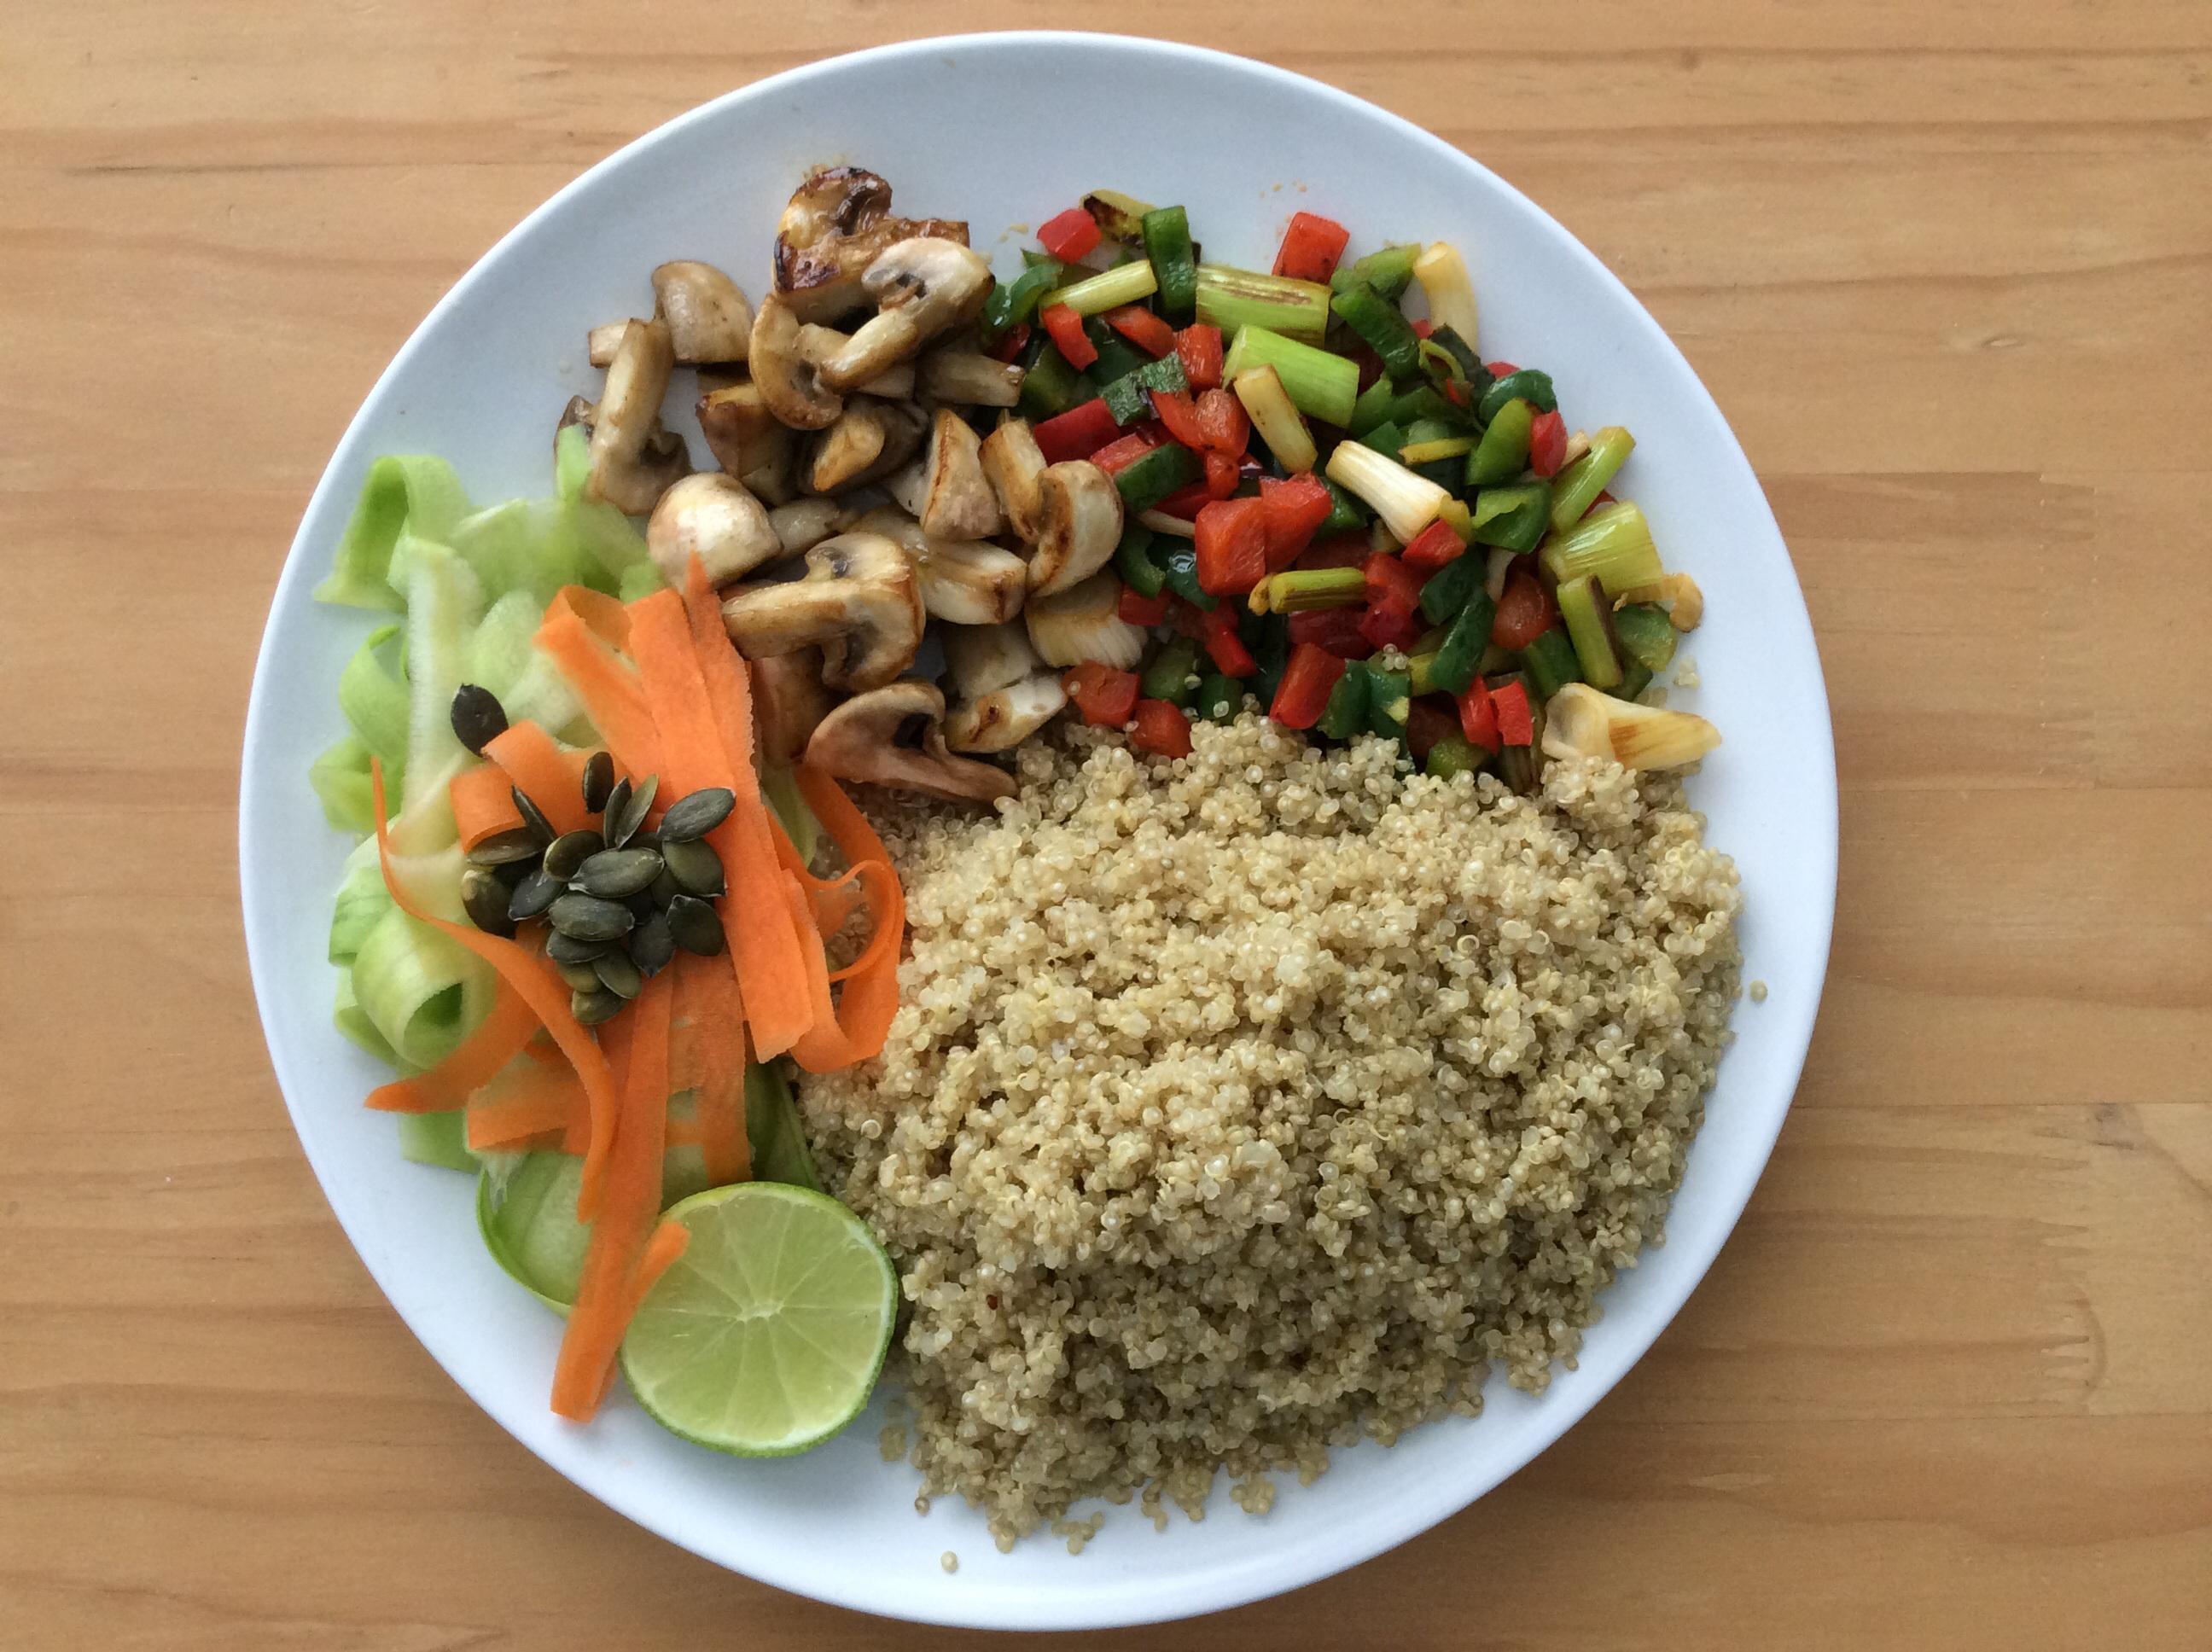 Ensalada fit templada de quinoa con verduras for Cocina quinoa con verduras